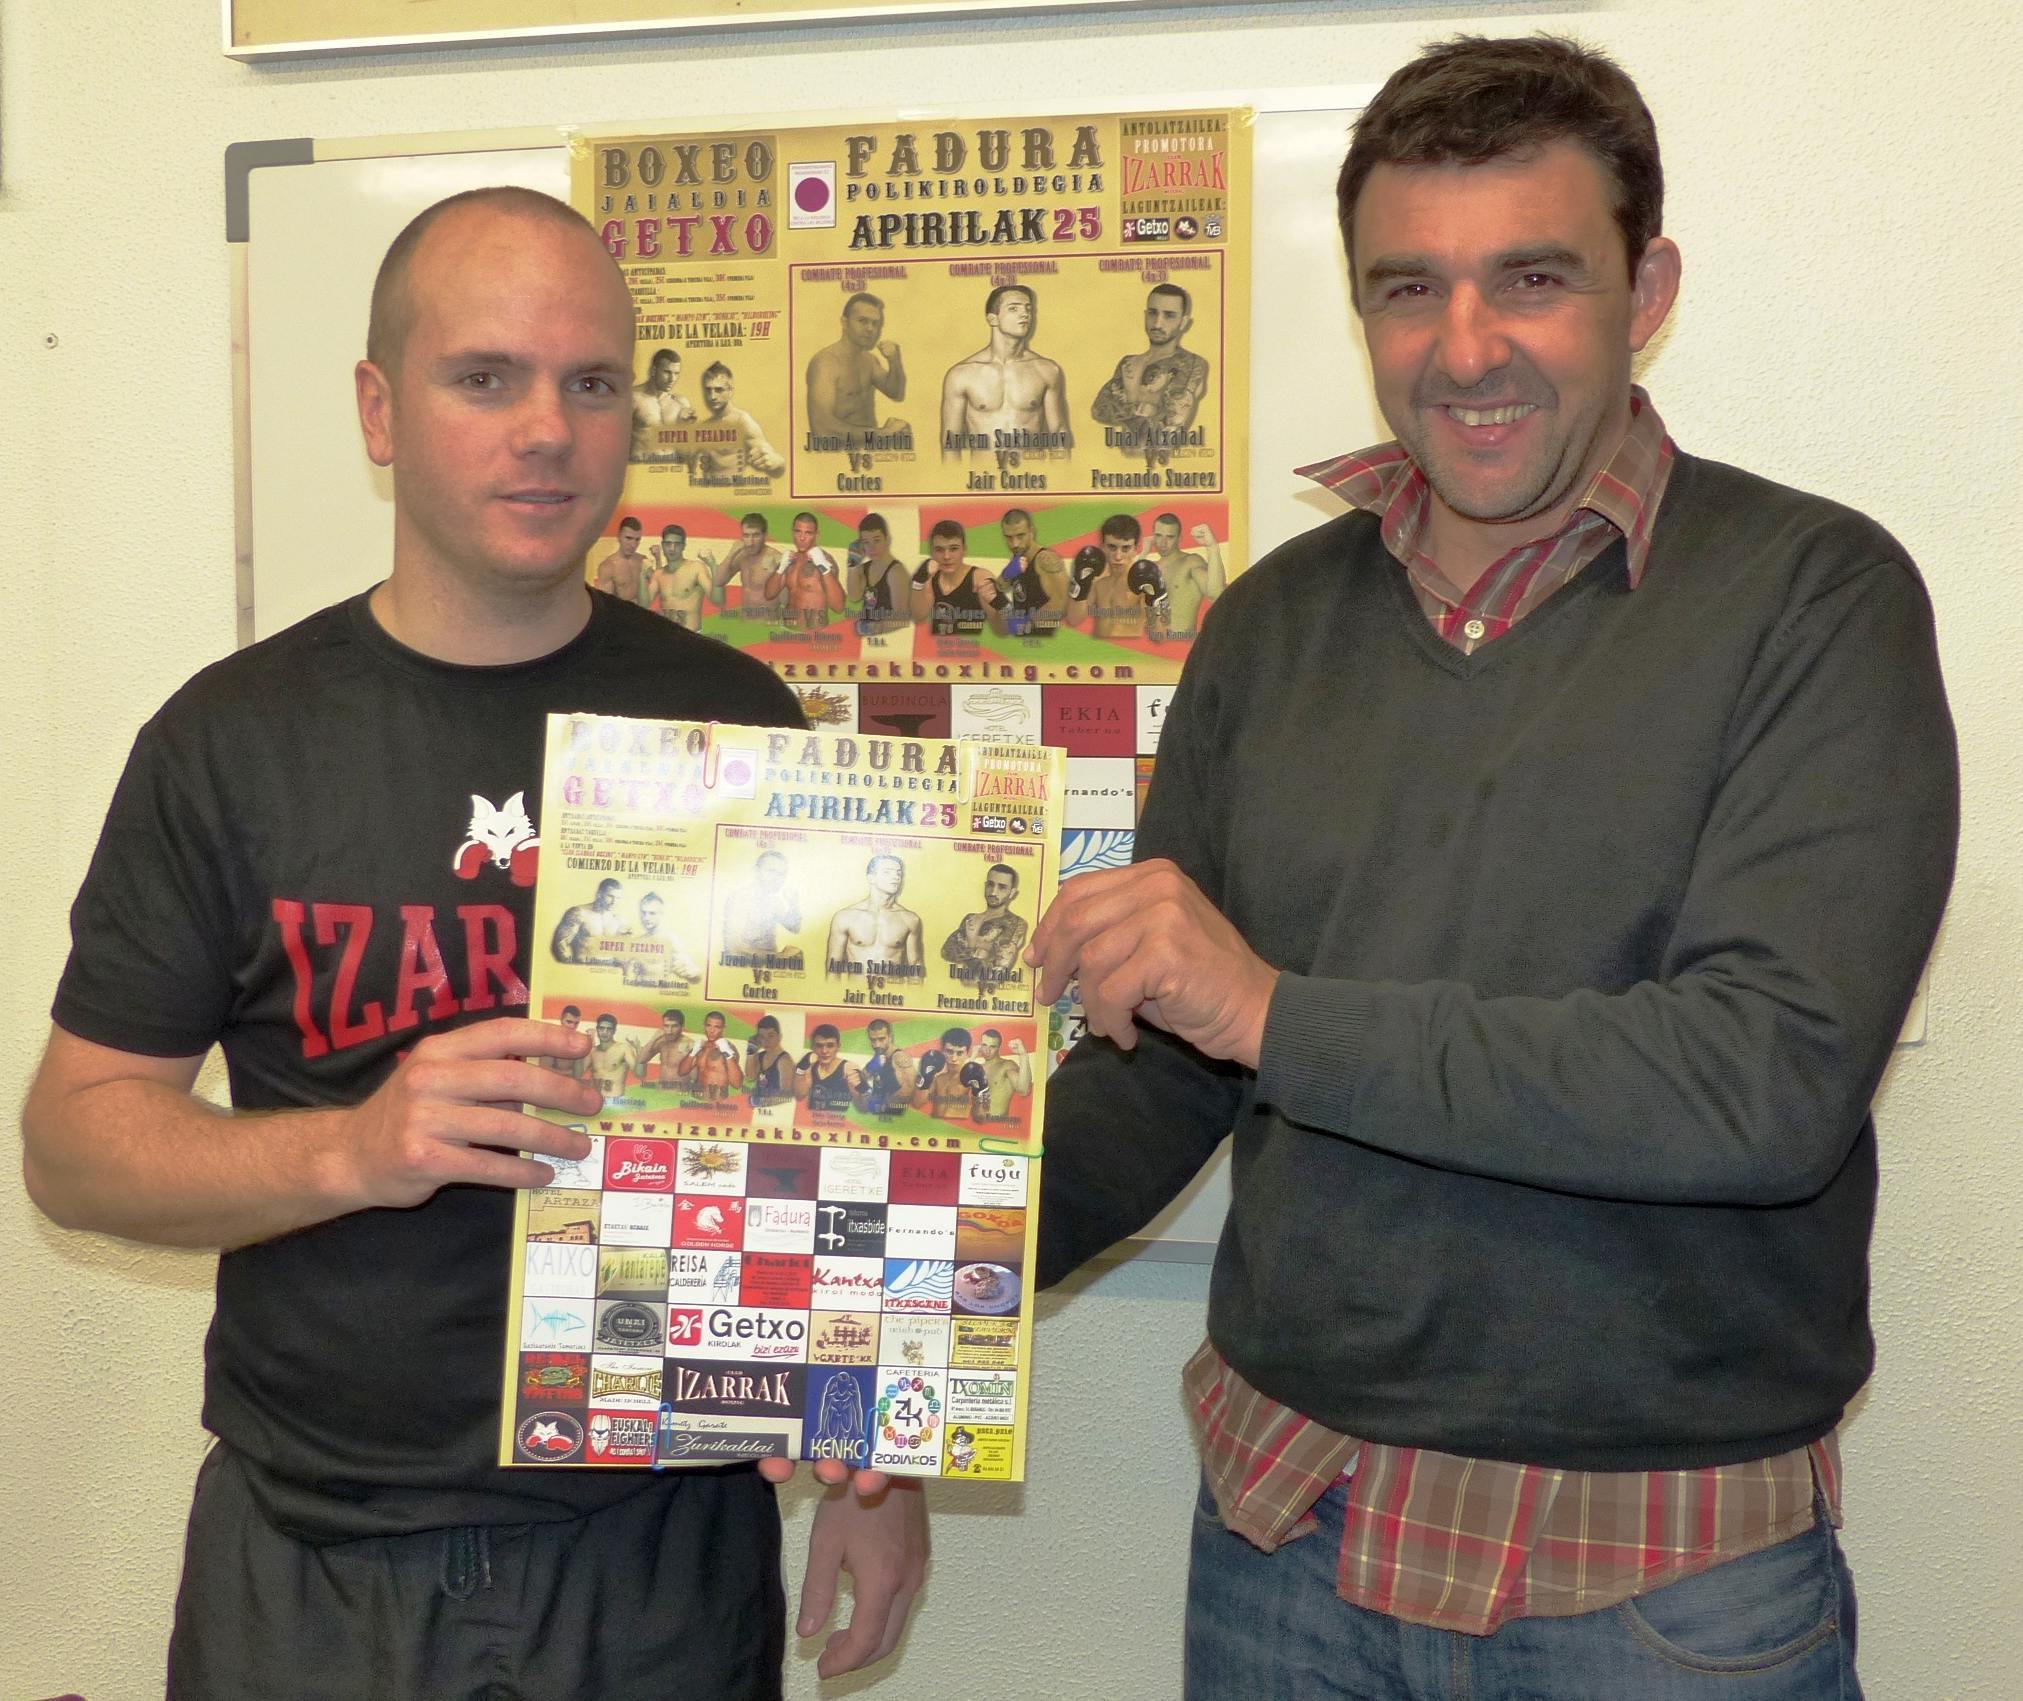 Boxeo: El concejal de deportes del ayuntamiento de Getxo, Alvaro González, y Jon Gaubeka, del club Izarrak, con el póster promovcional de la velada del 25 de abril en Fadura.